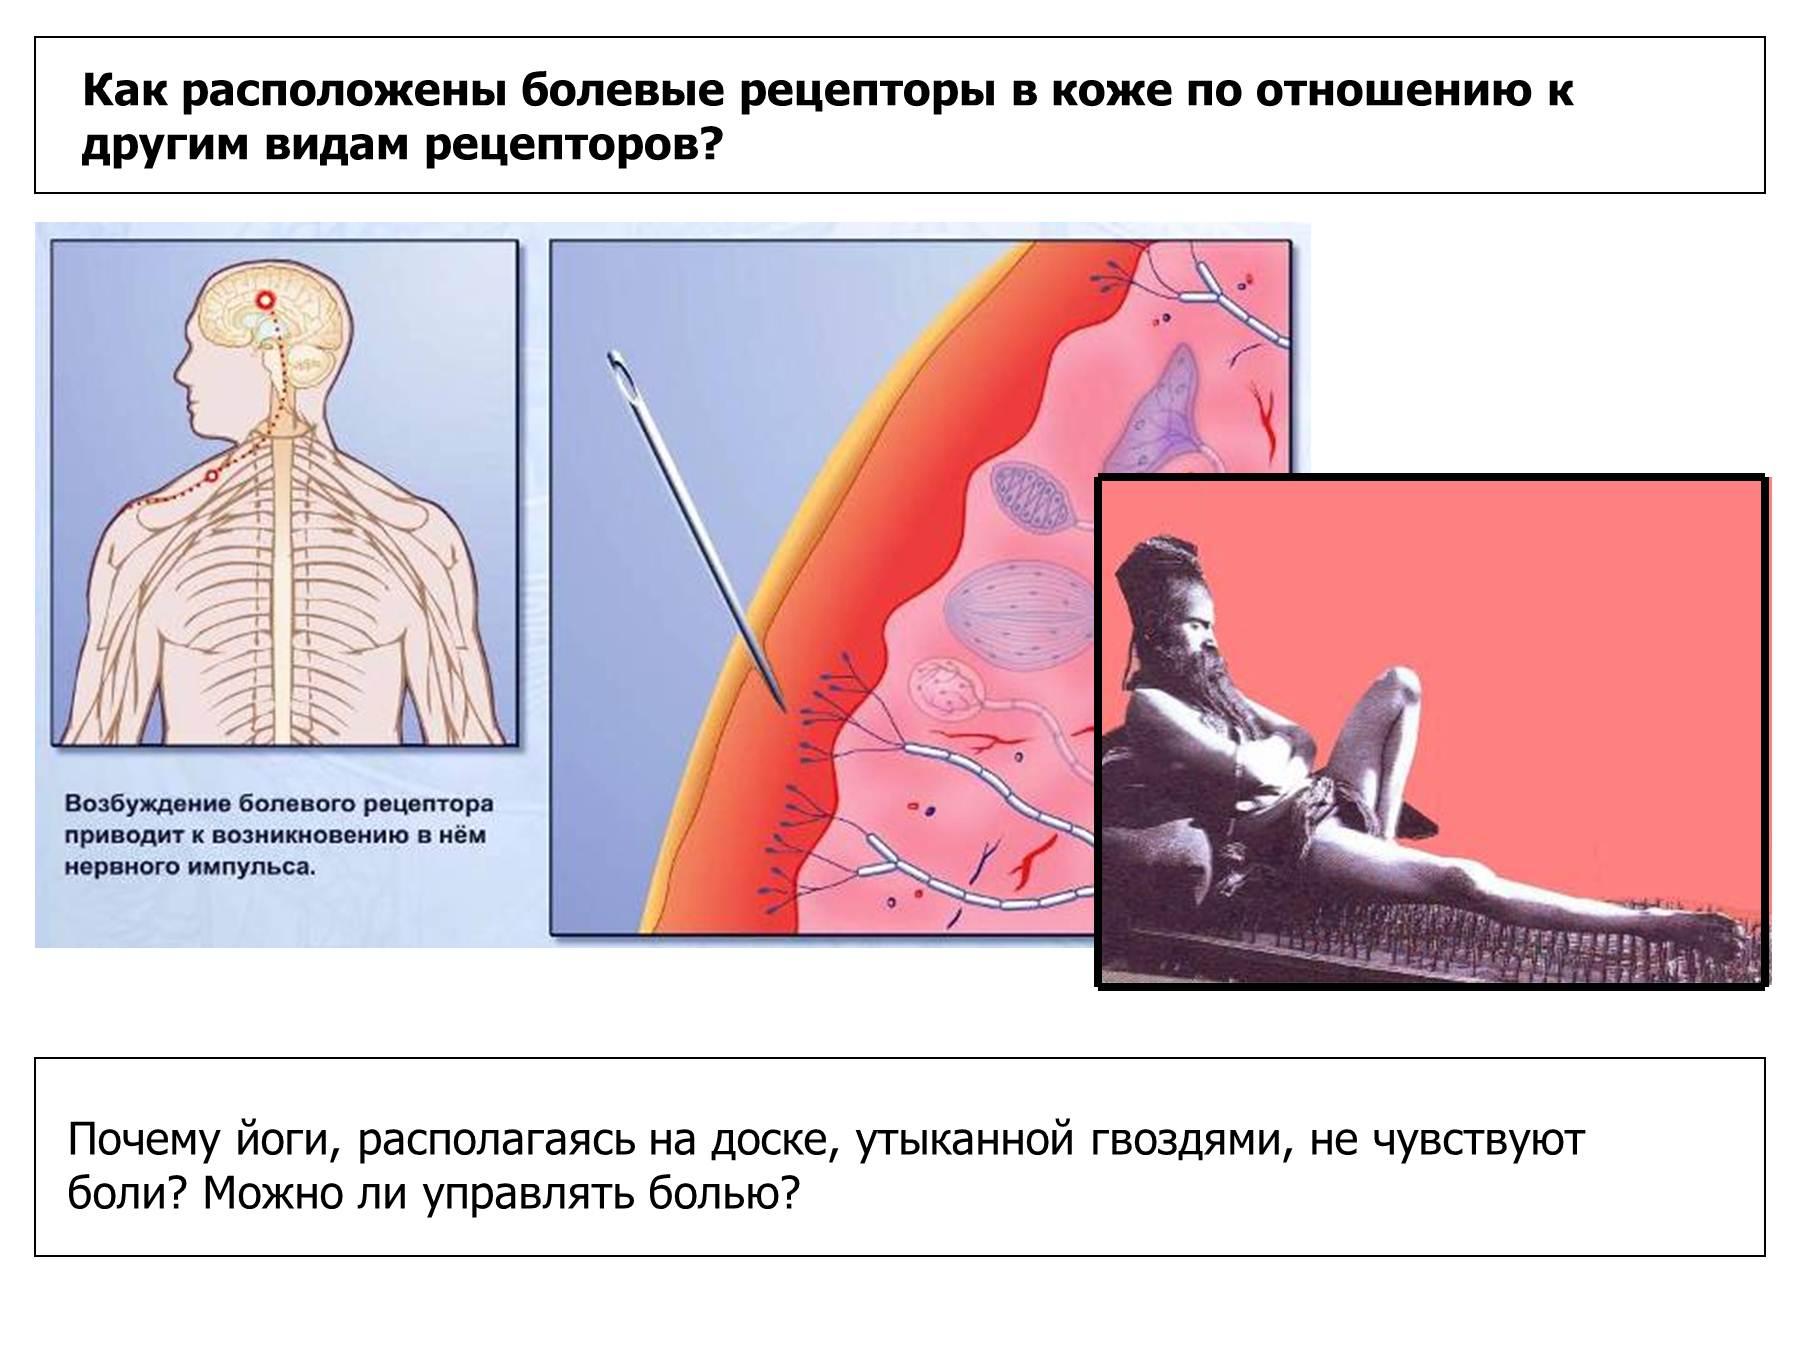 Тепловые рецепторы расположены в коже на глубине